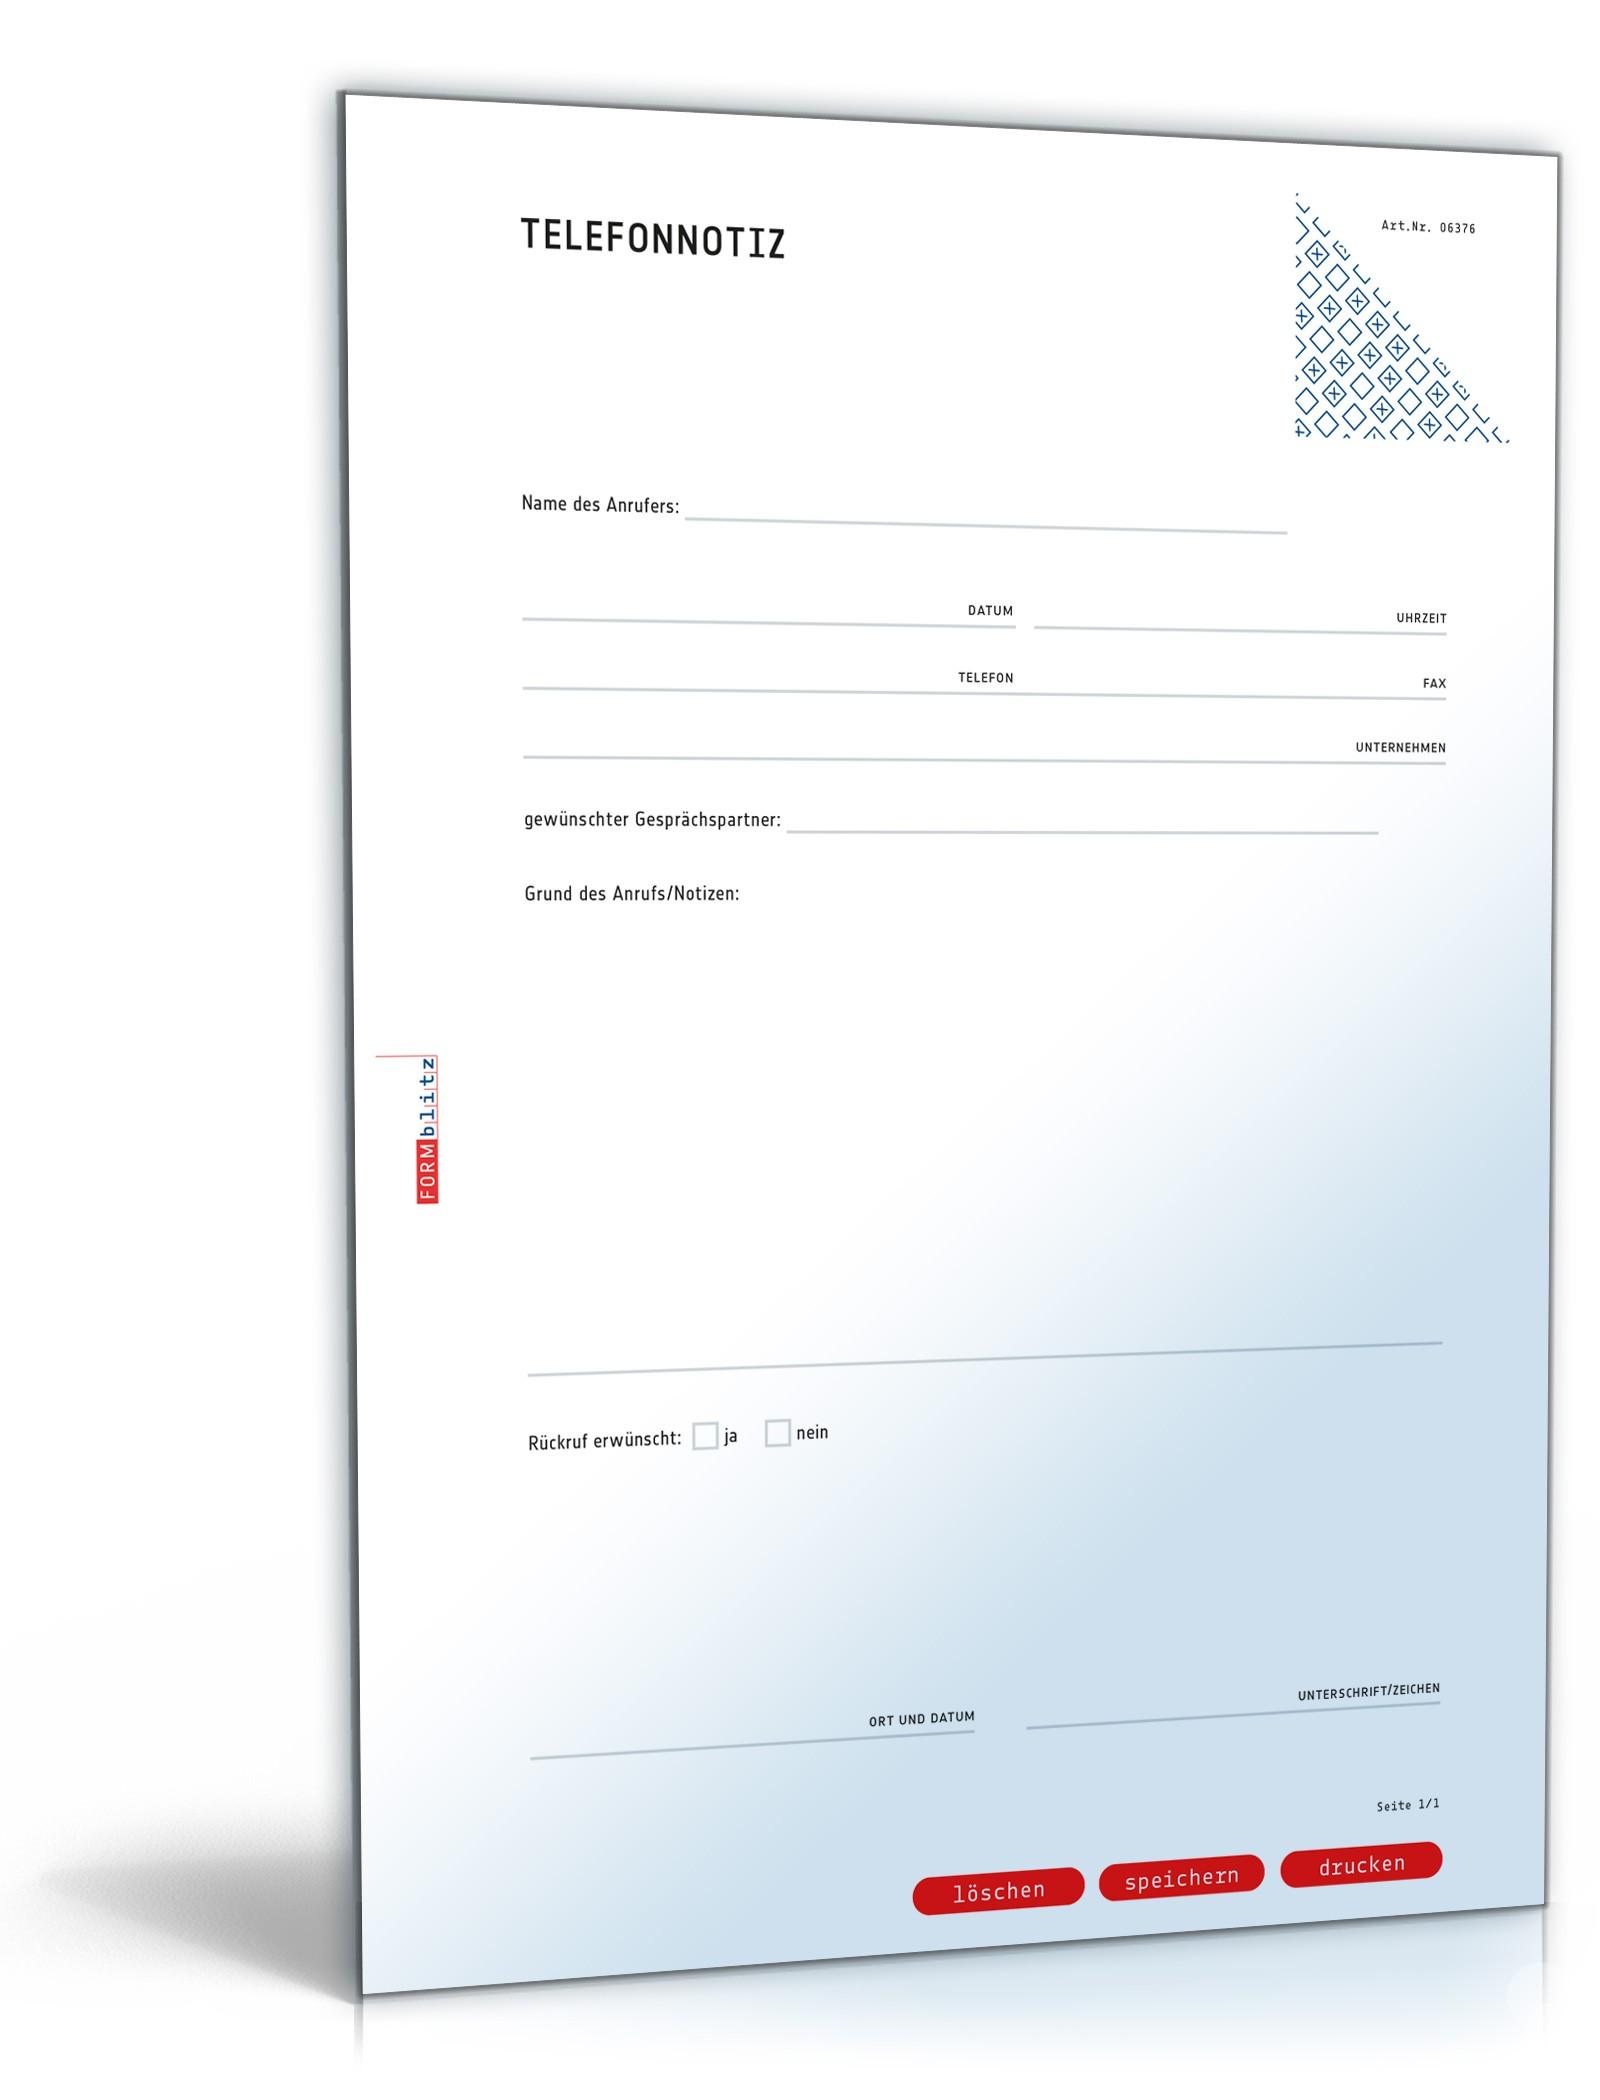 Telefonnotiz Vorlage Im Word Format Kostenlos Downloaden